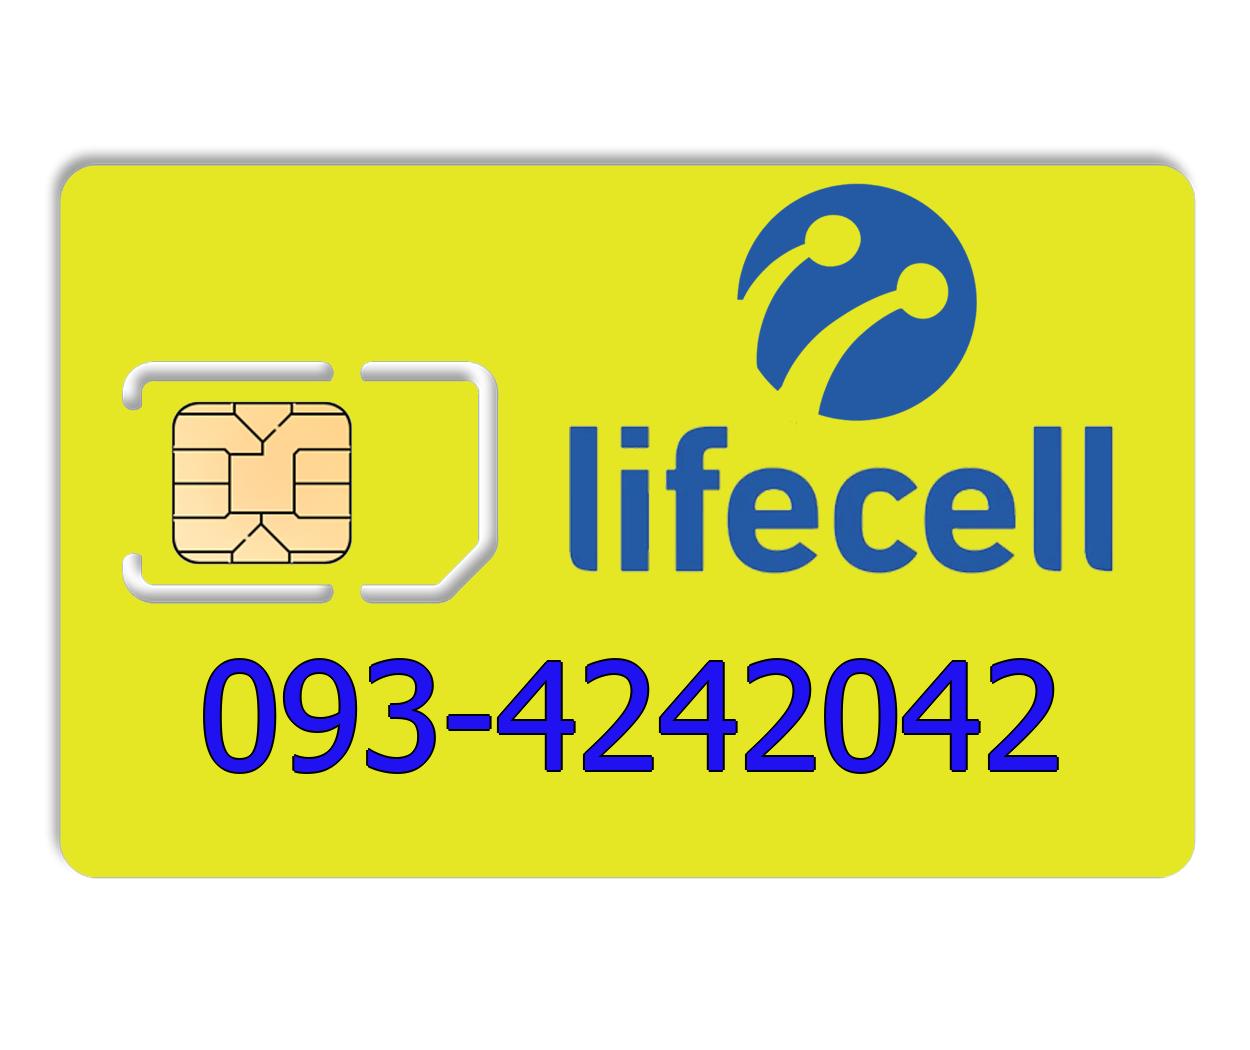 Красивый номер lifecell 093-4242042